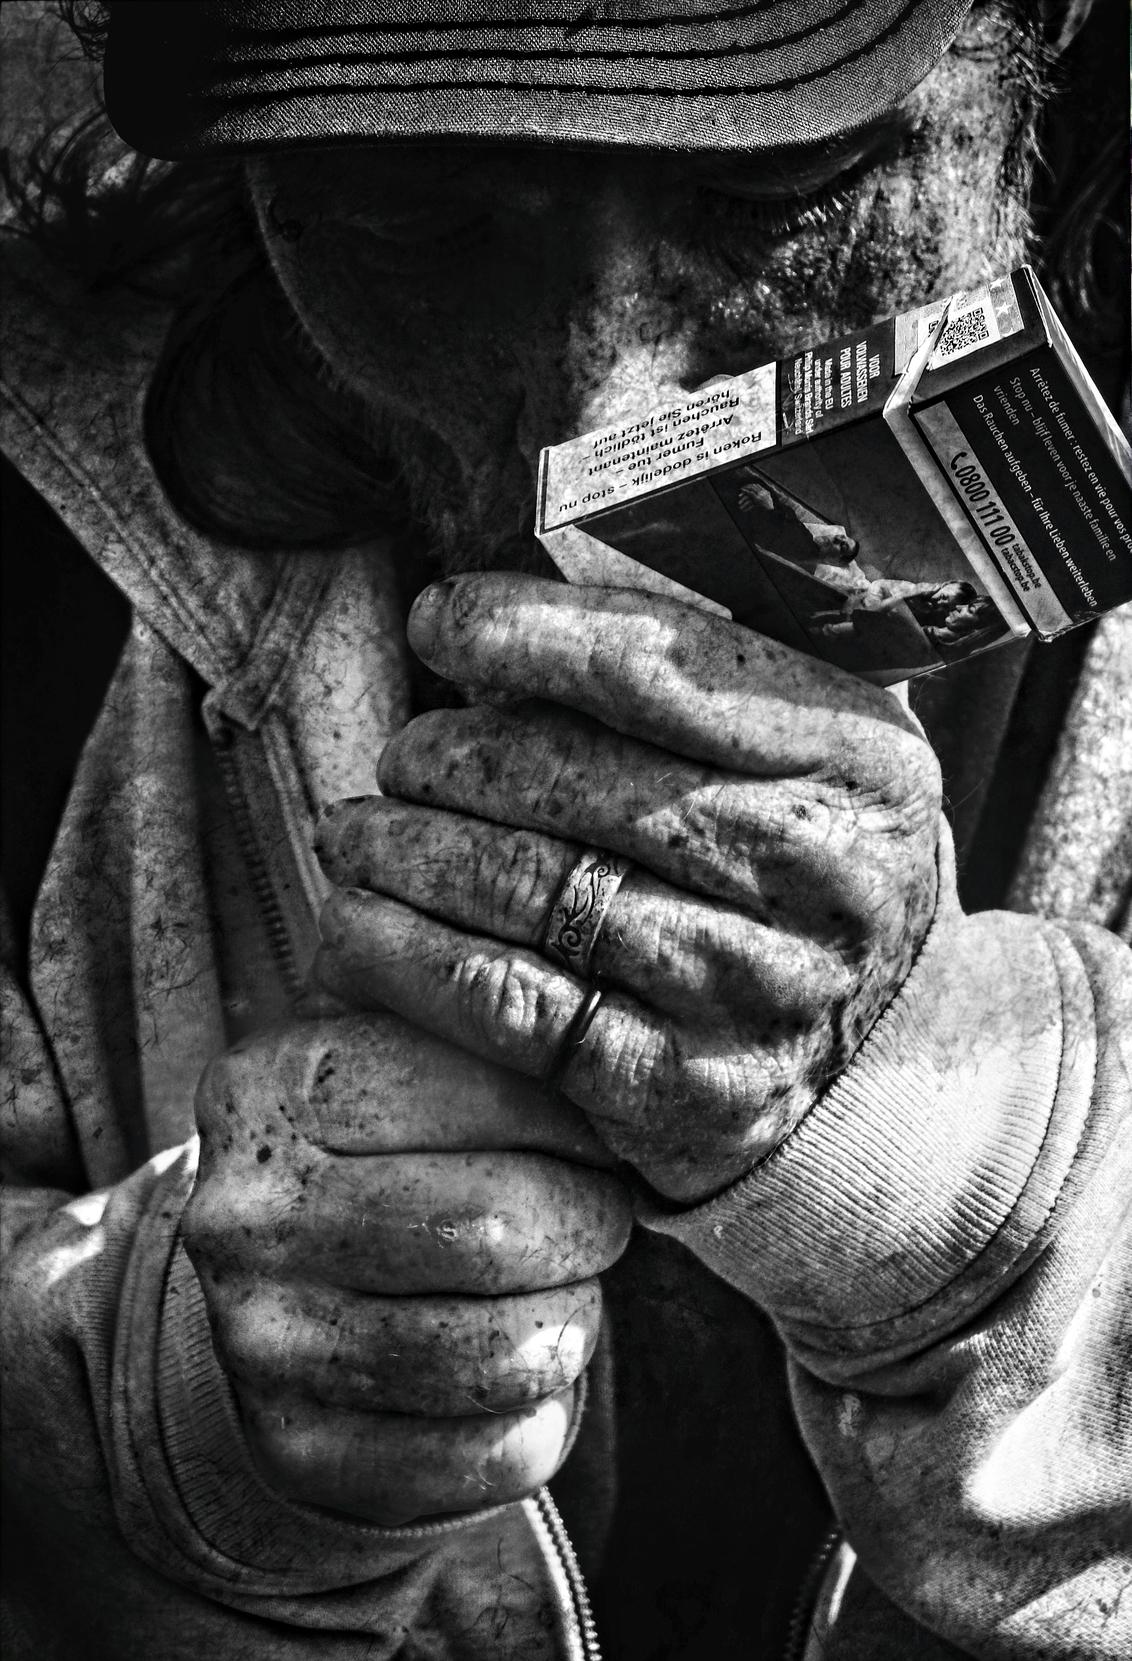 Smoren - groot zien aub  Smoren is het Antwerps voor roken  met toestemming - foto door c.buitendijk53 op 13-01-2021 - deze foto bevat: man, straat, stad, antwerpen, zwartwit, roken, straatfotografie, smoren, met toestemming